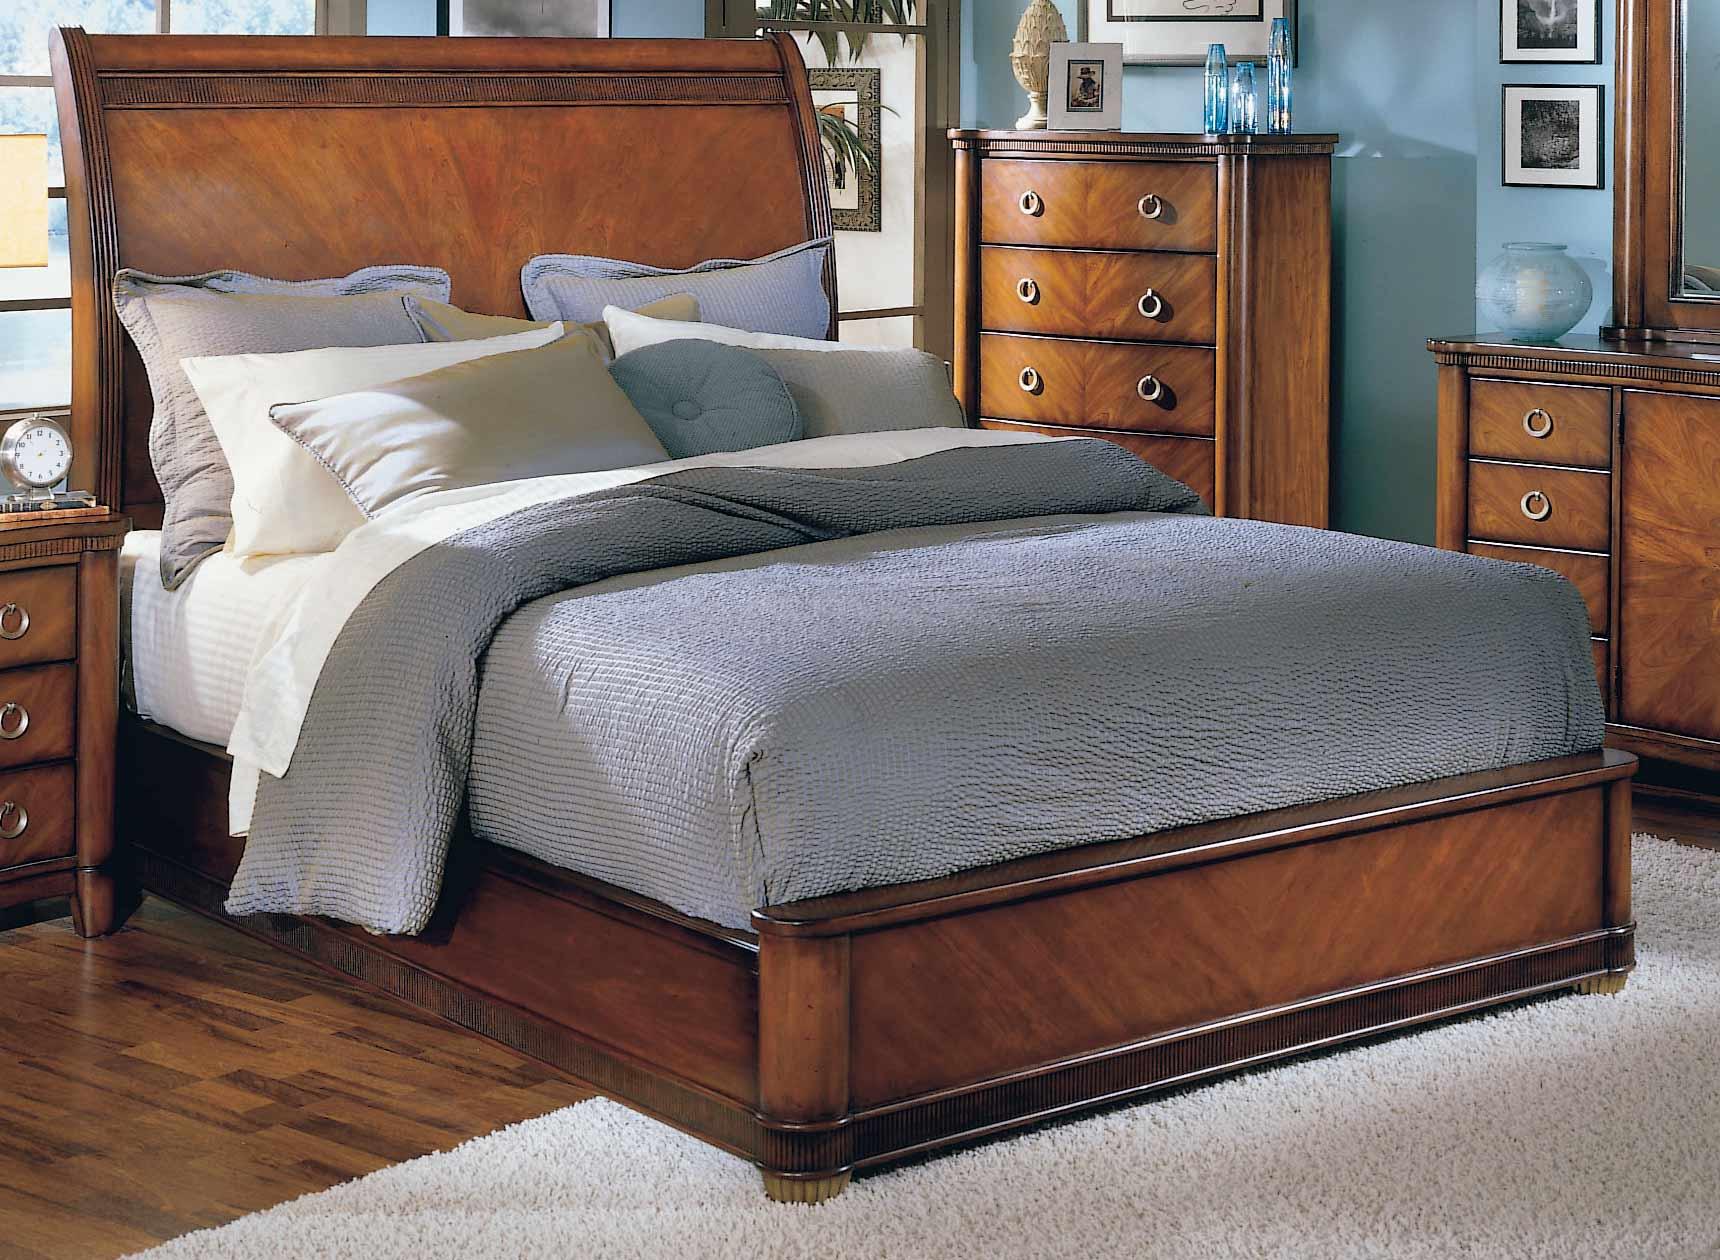 Homelegance Waterford Sleigh Bed